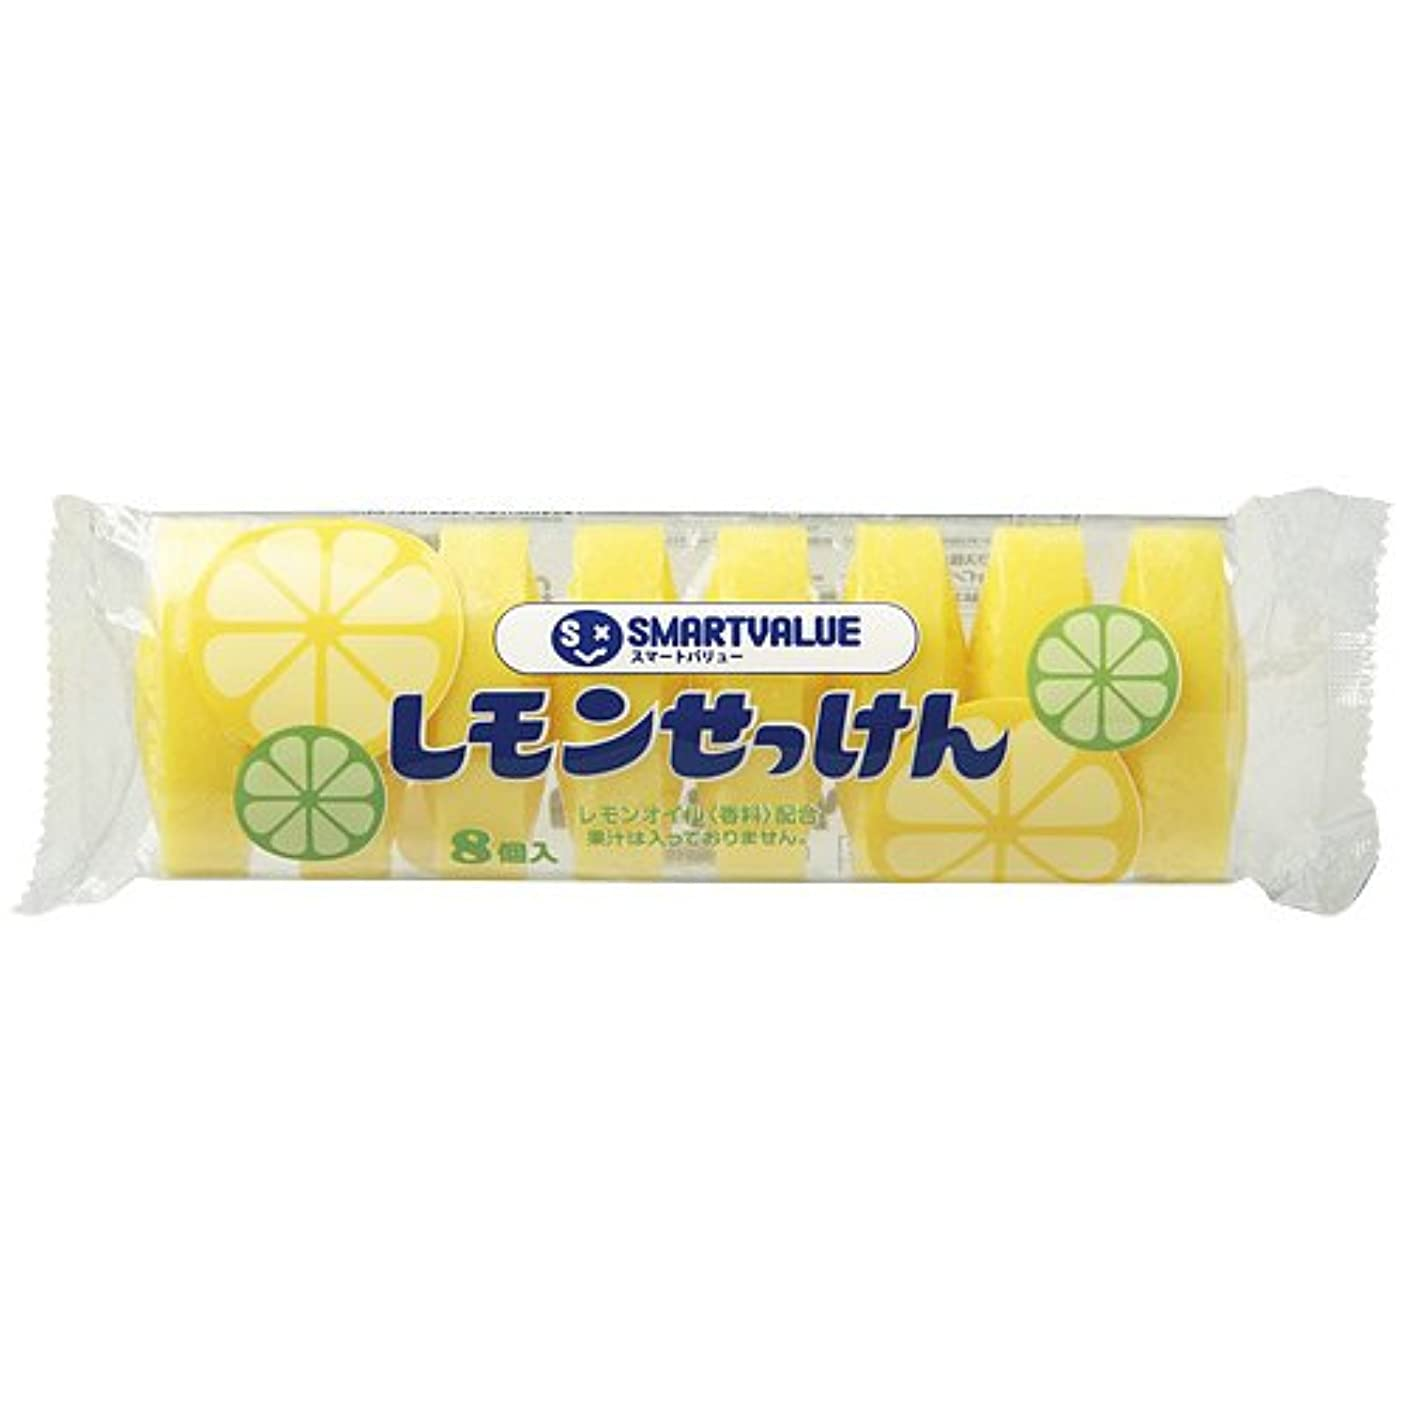 粒子丘改修JTX レモン石けん8個入 N112J